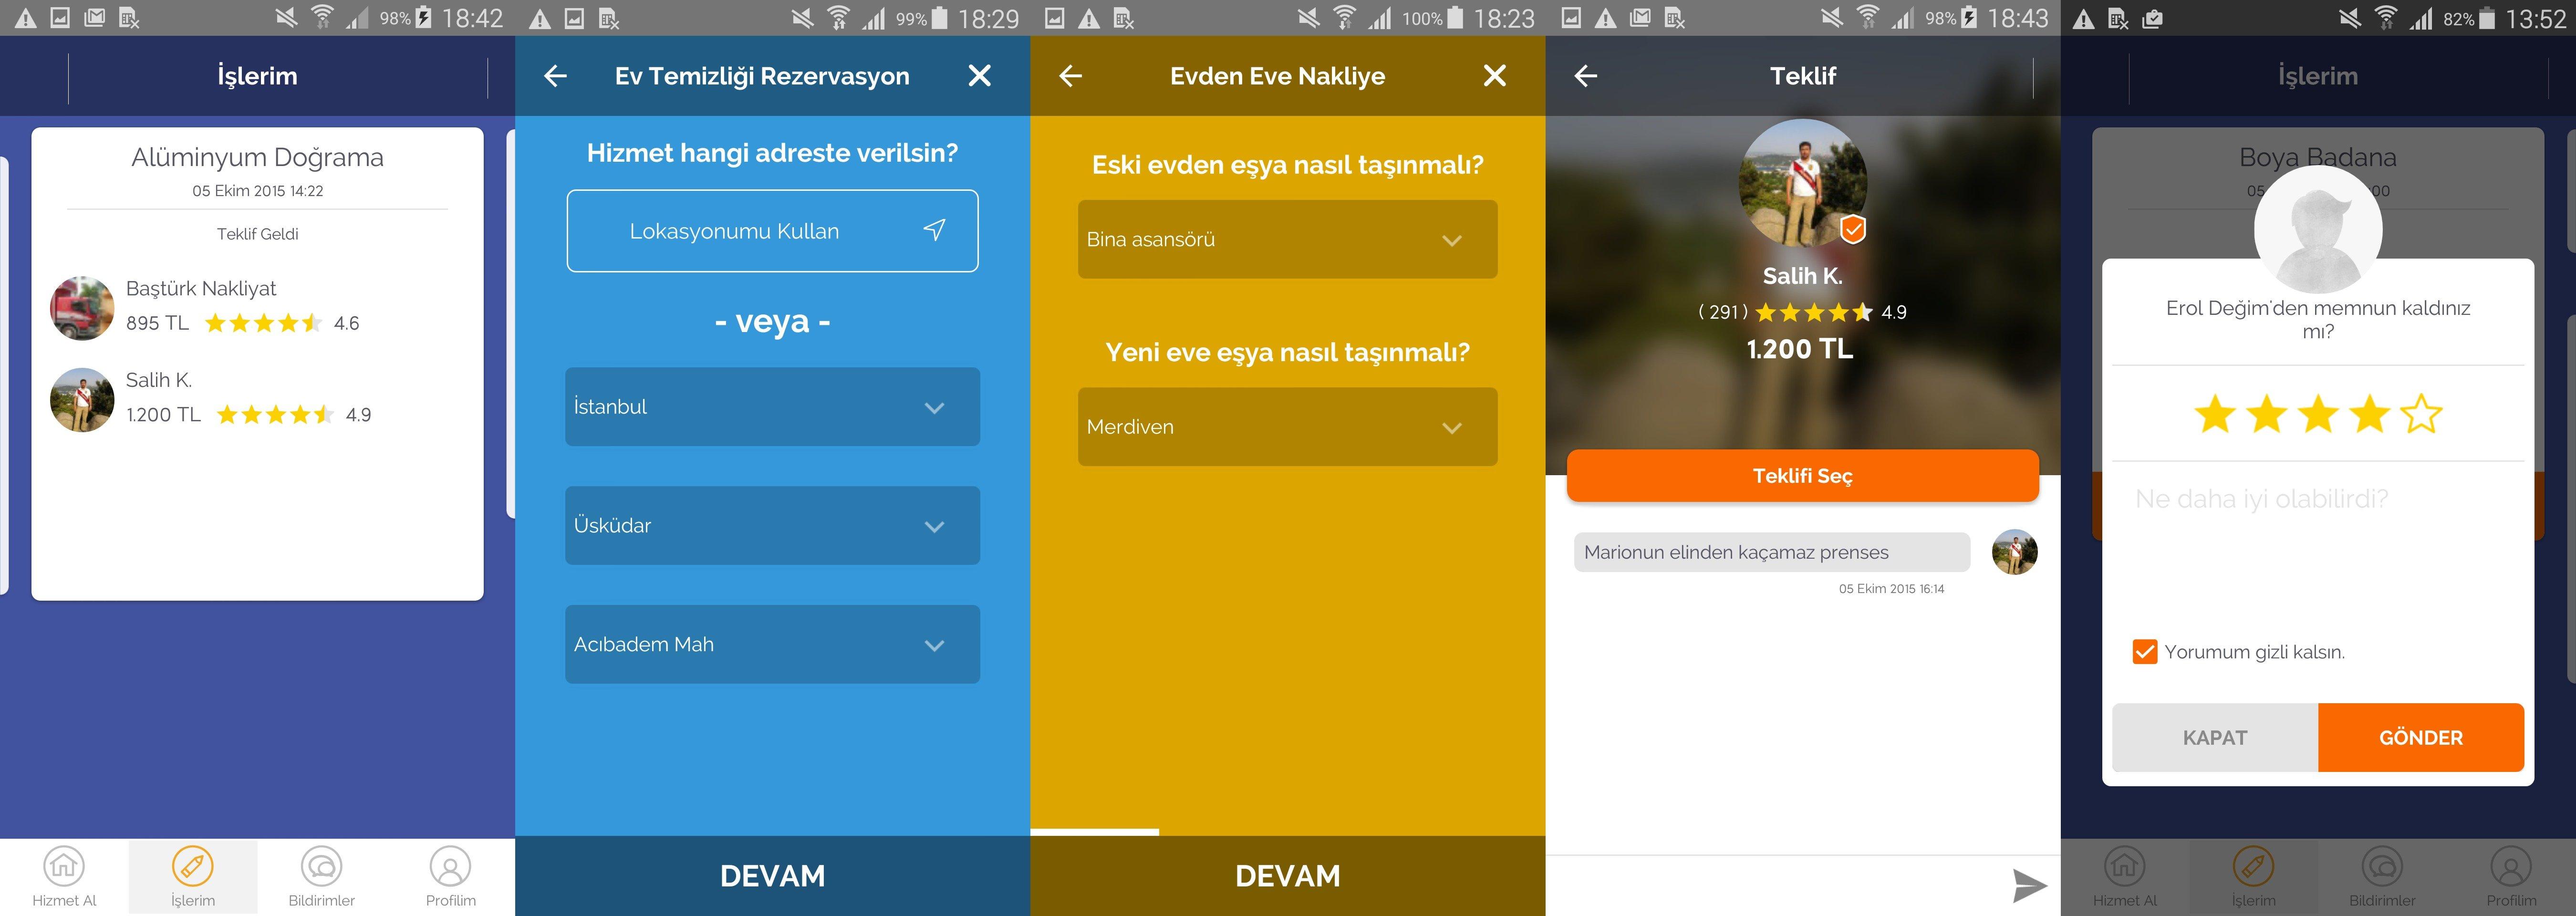 armut.com app